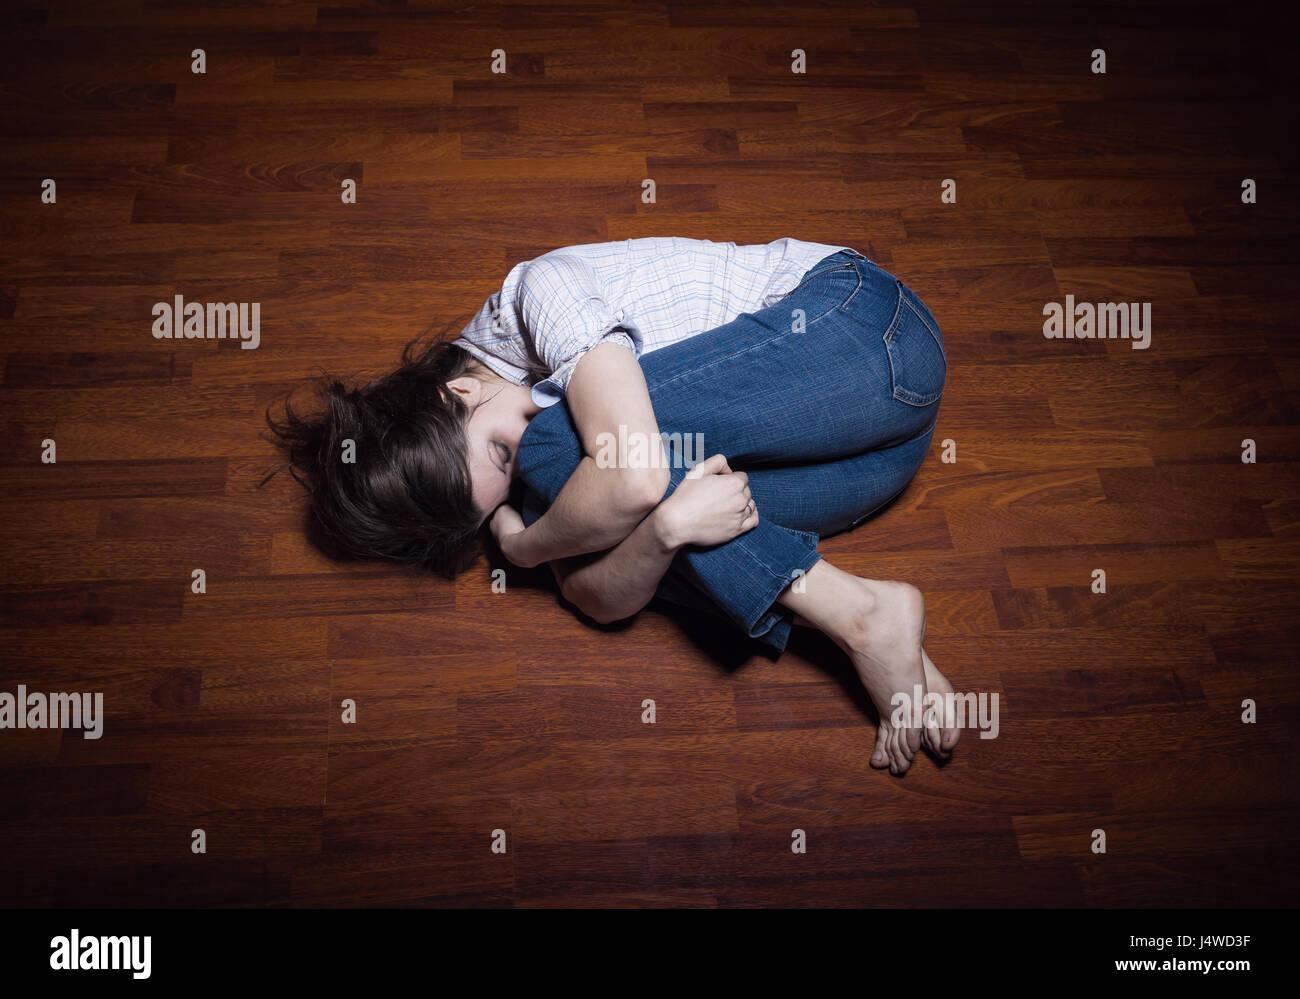 En el suelo de un solitario joven en una habitación vacía Imagen De Stock